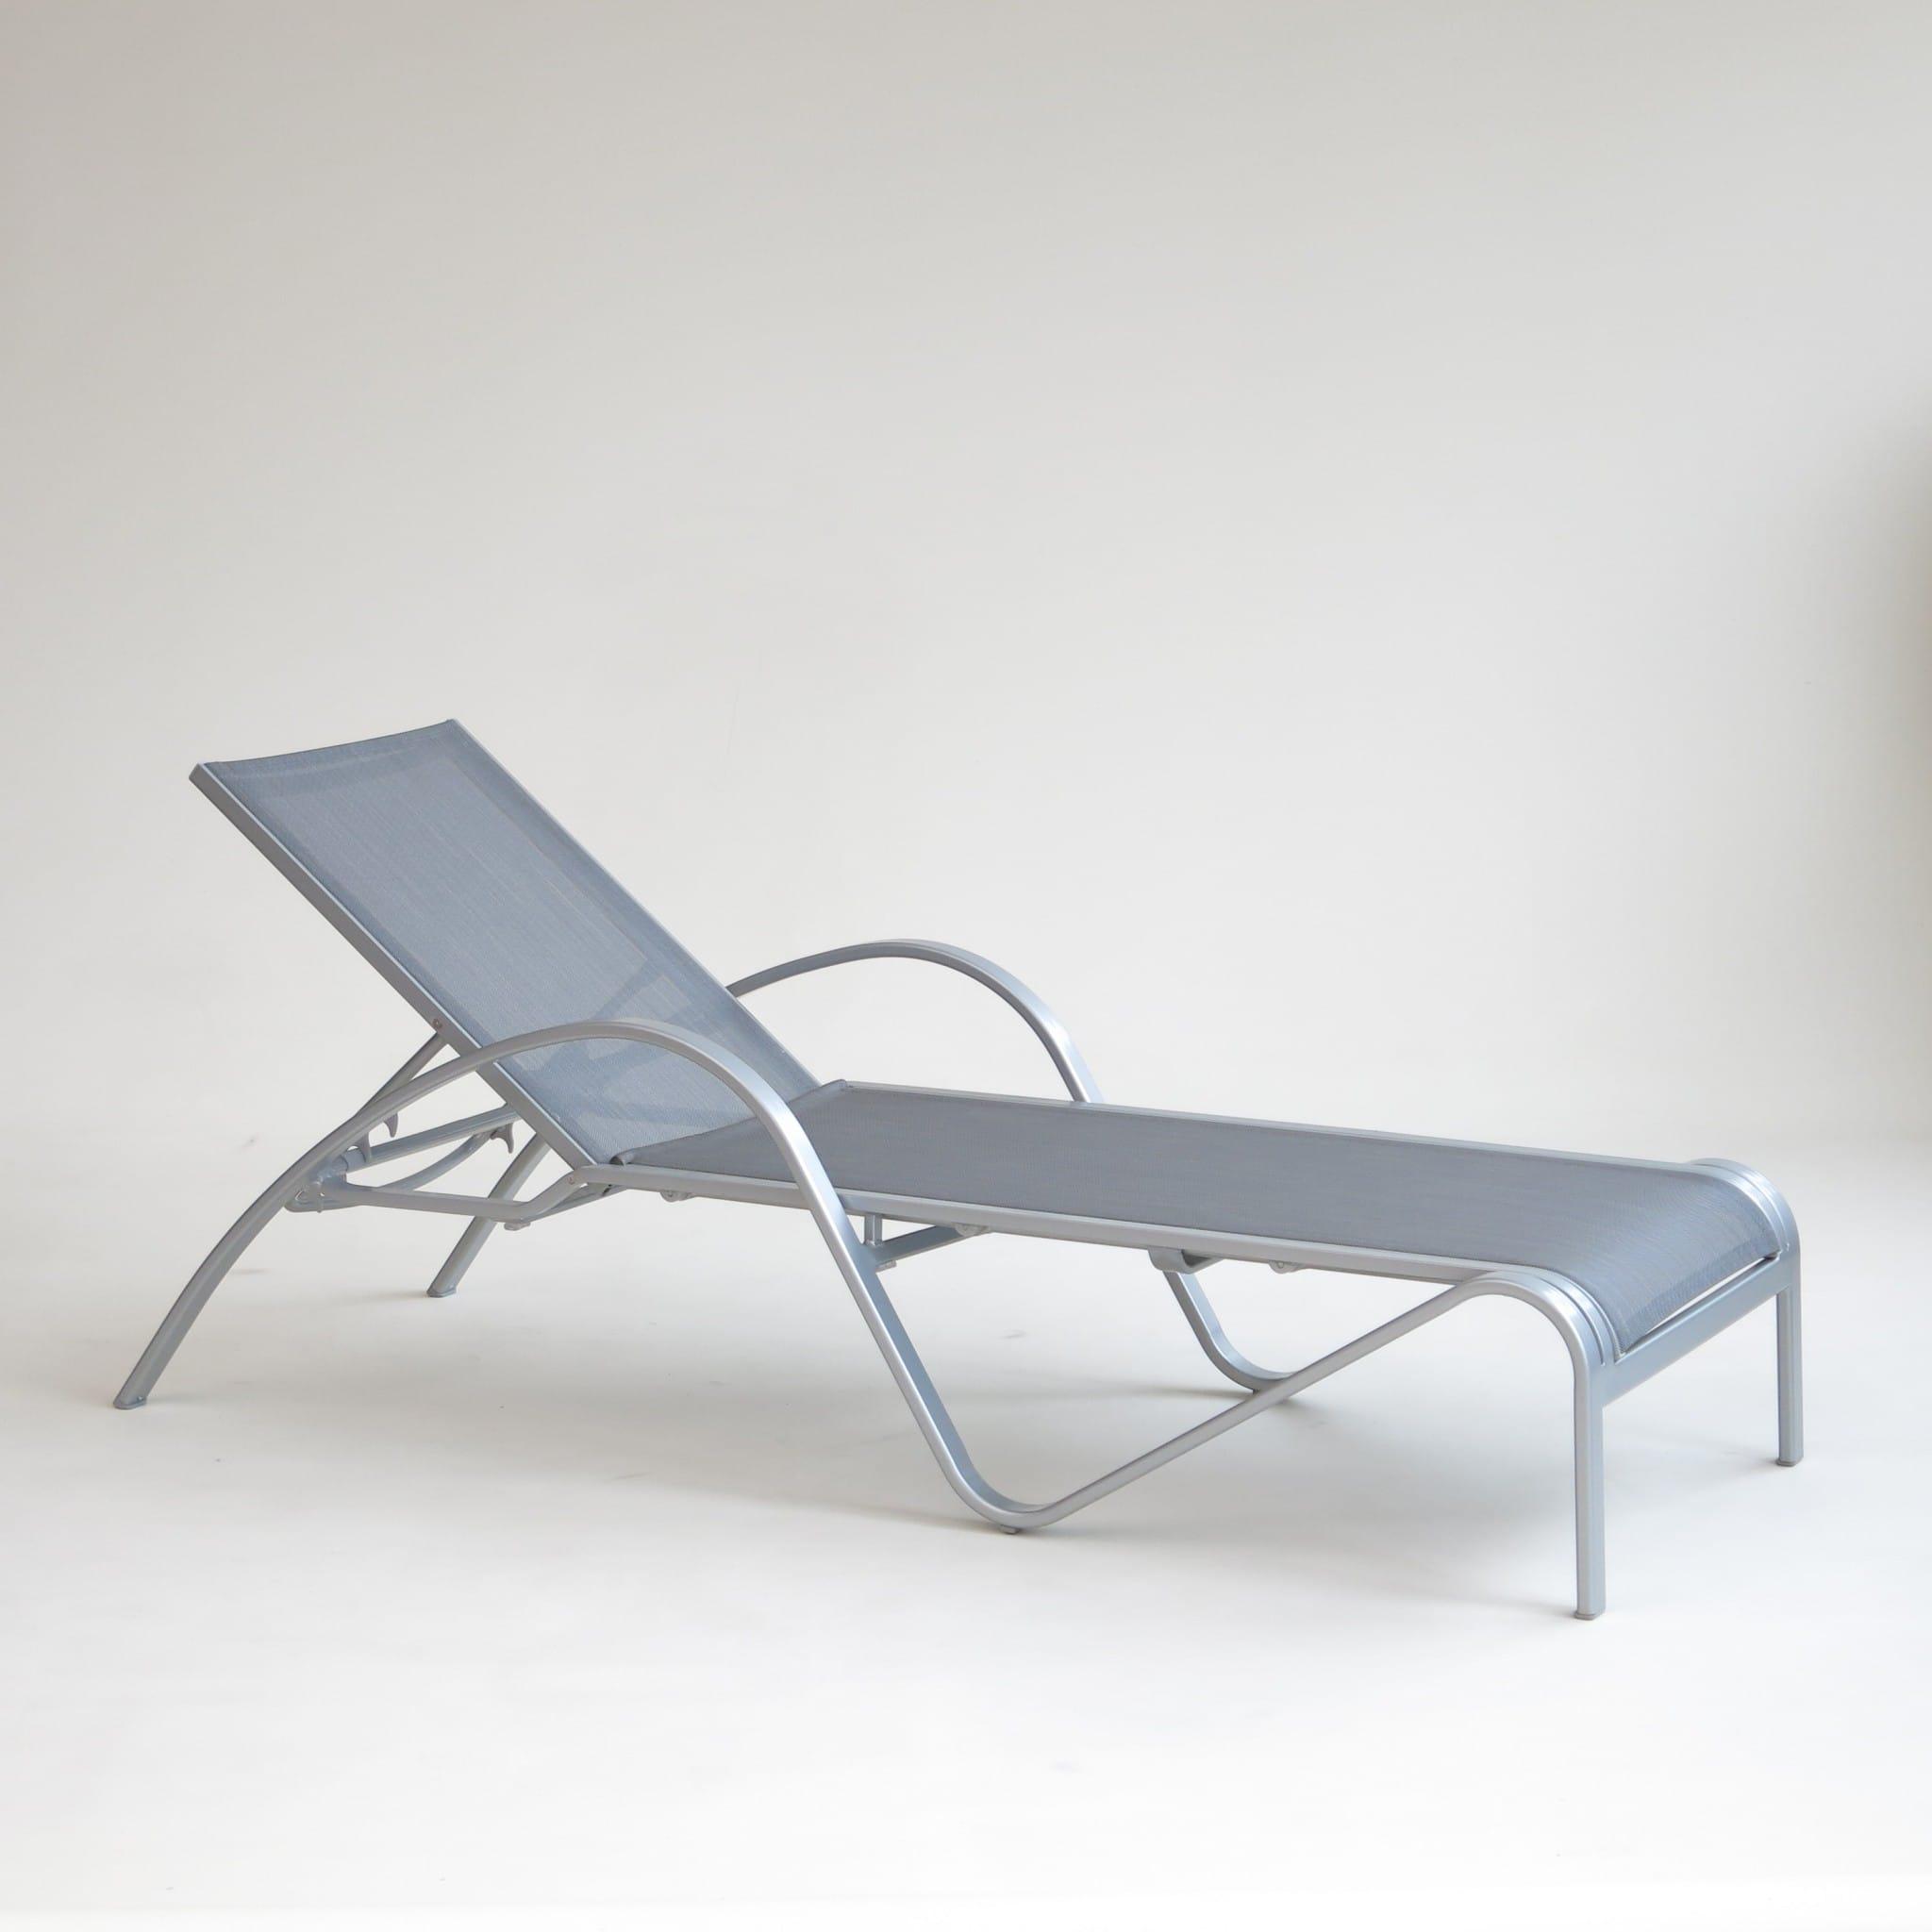 AnviTar.com : Gartenmobel Liegen Aluminium ~> Interessante ...